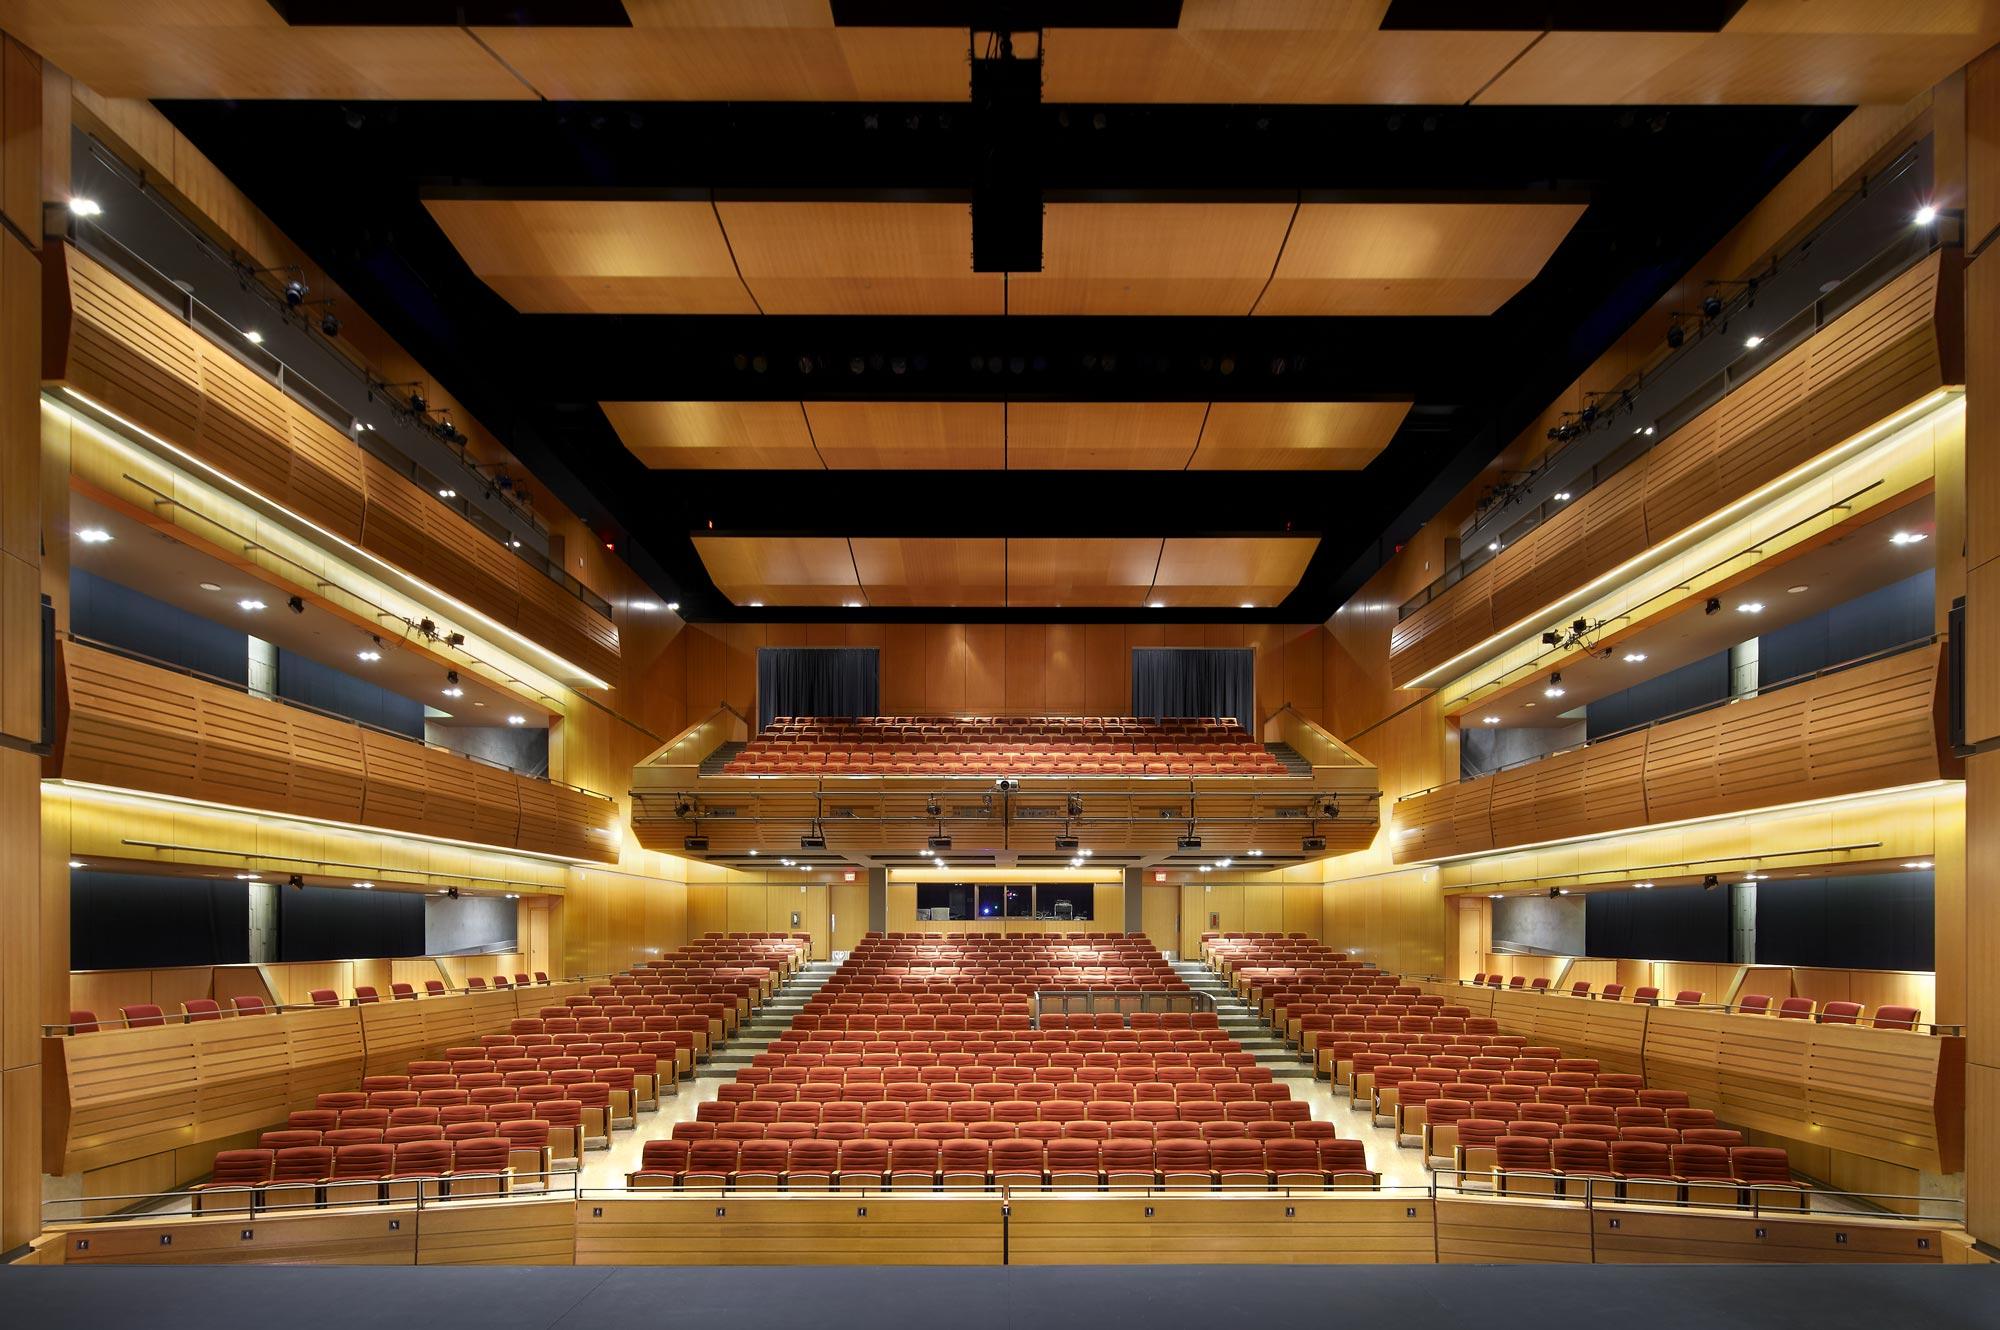 About The Burlington Performing Arts Centre